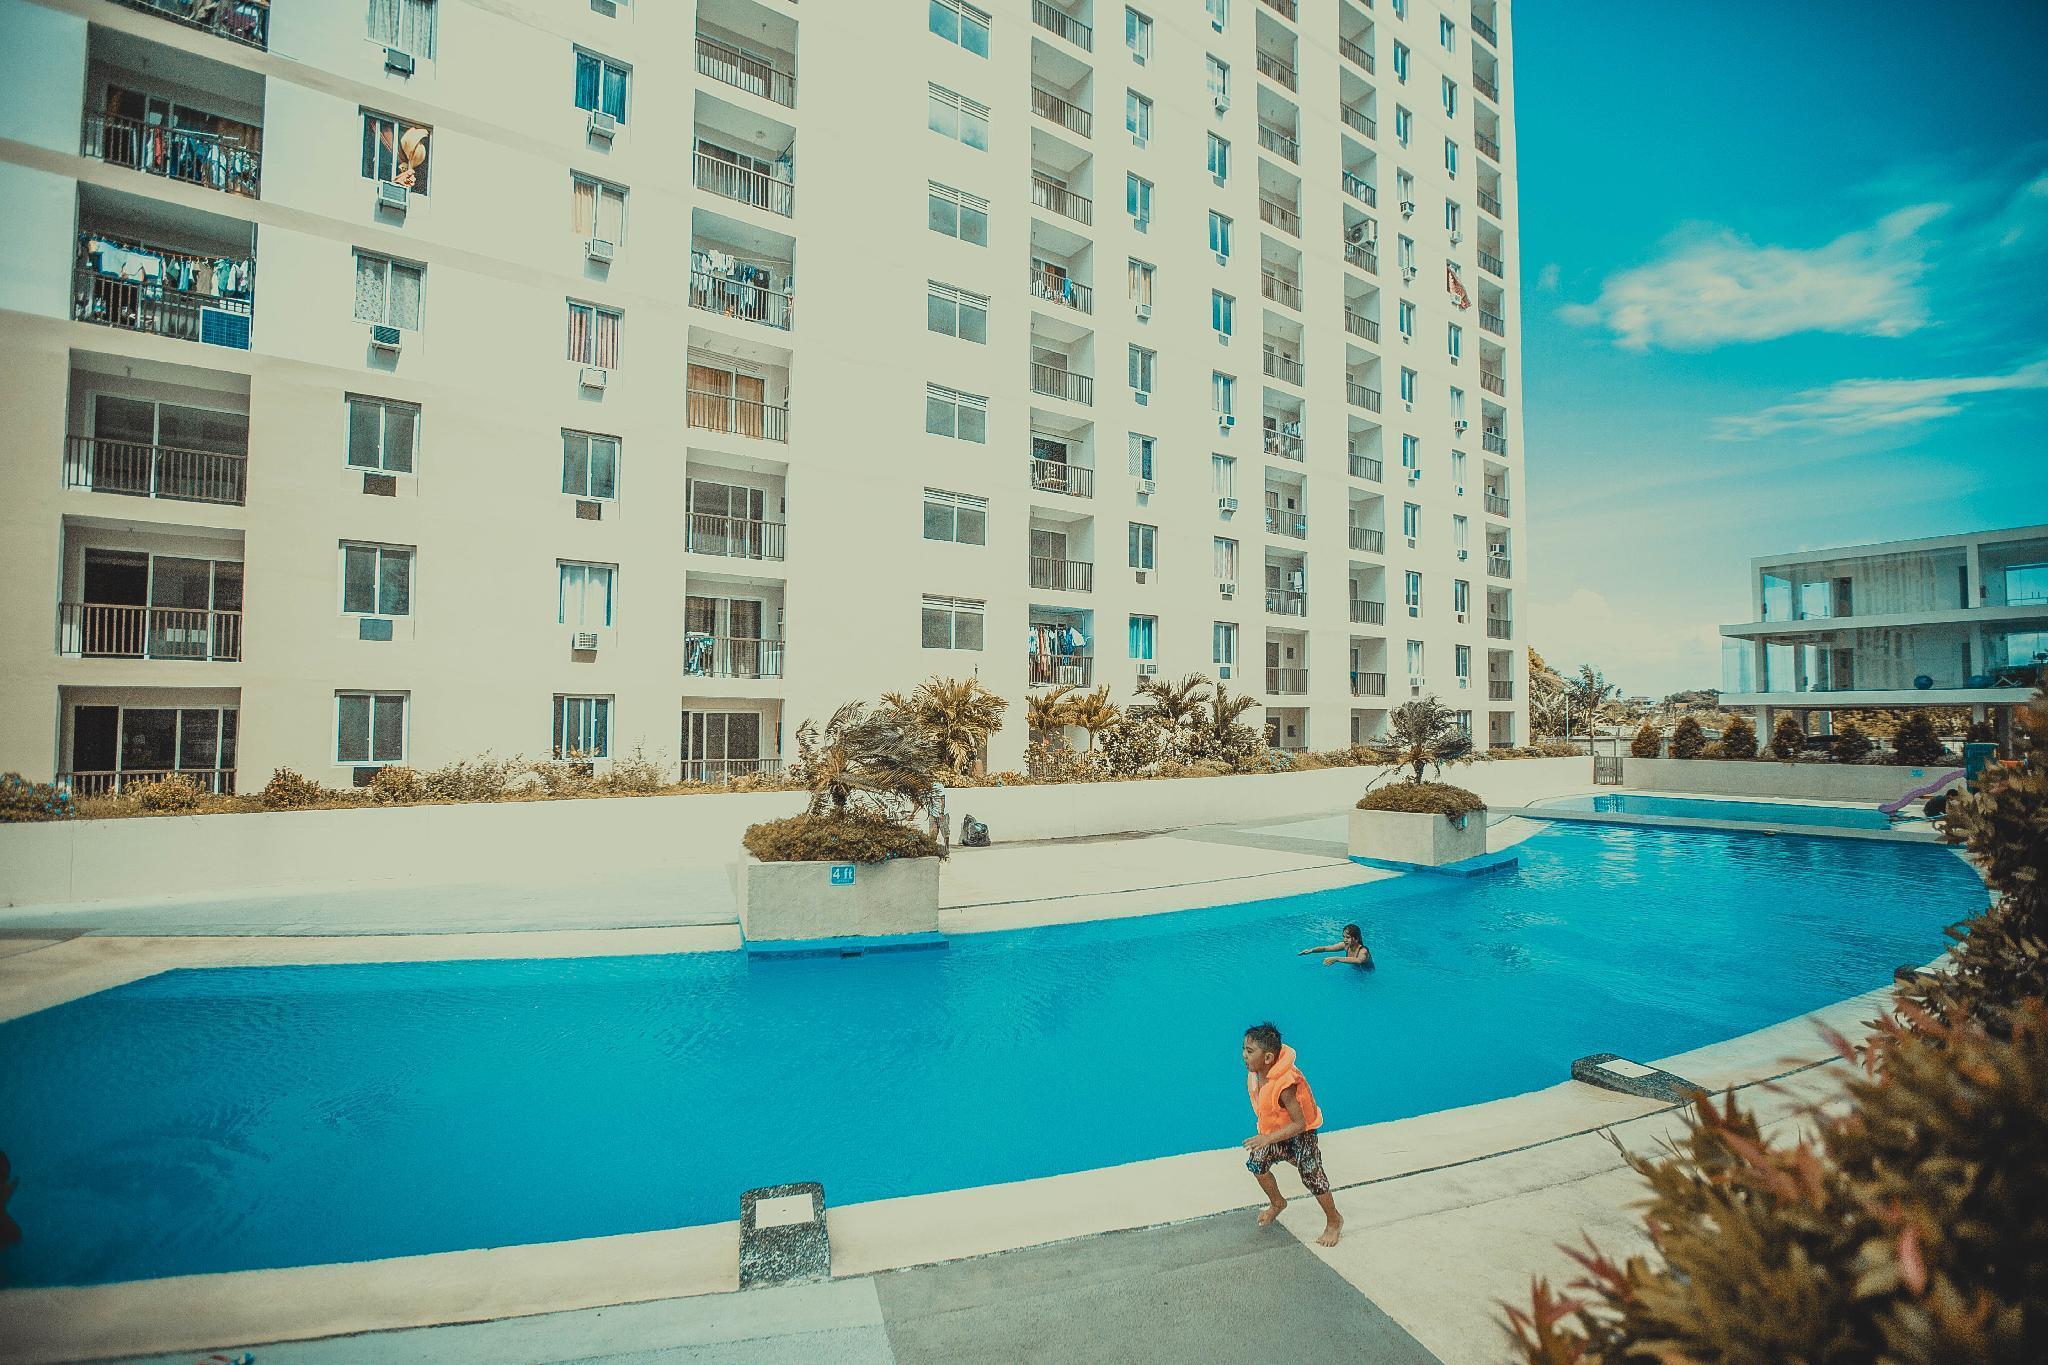 Xixili Ocean View Apartments